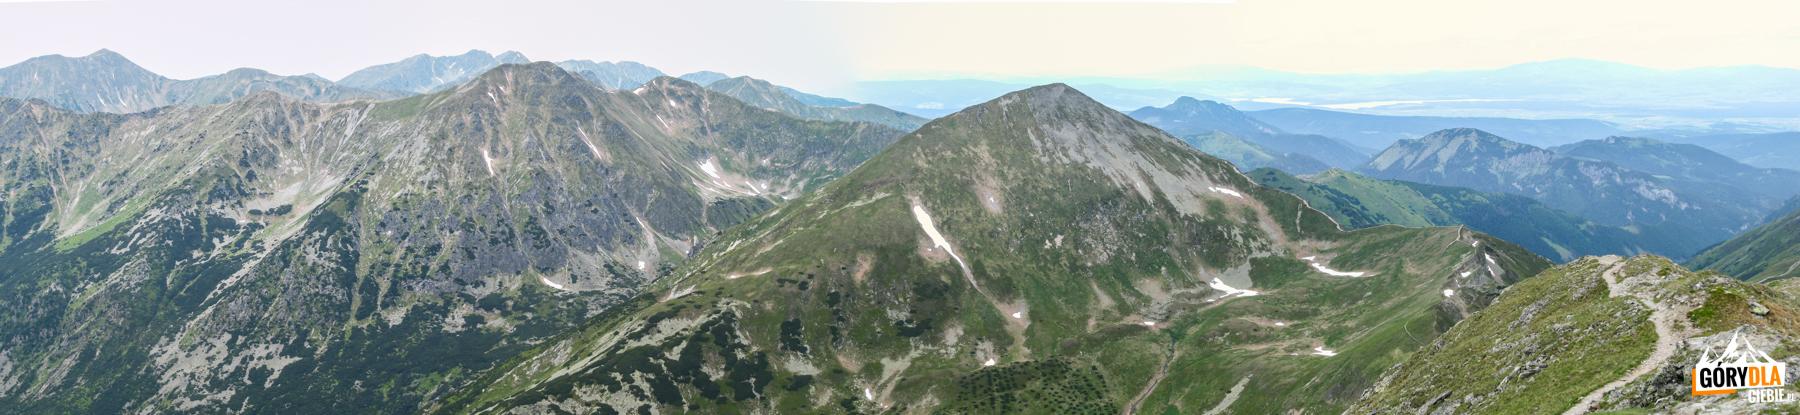 Widok zBystrej (2248 m): grań Otargańcy, Raczkowa Czuba (2194 m) Jarząbczy Wierch (2137 m) iStarorobociański Wierch (2176 m)